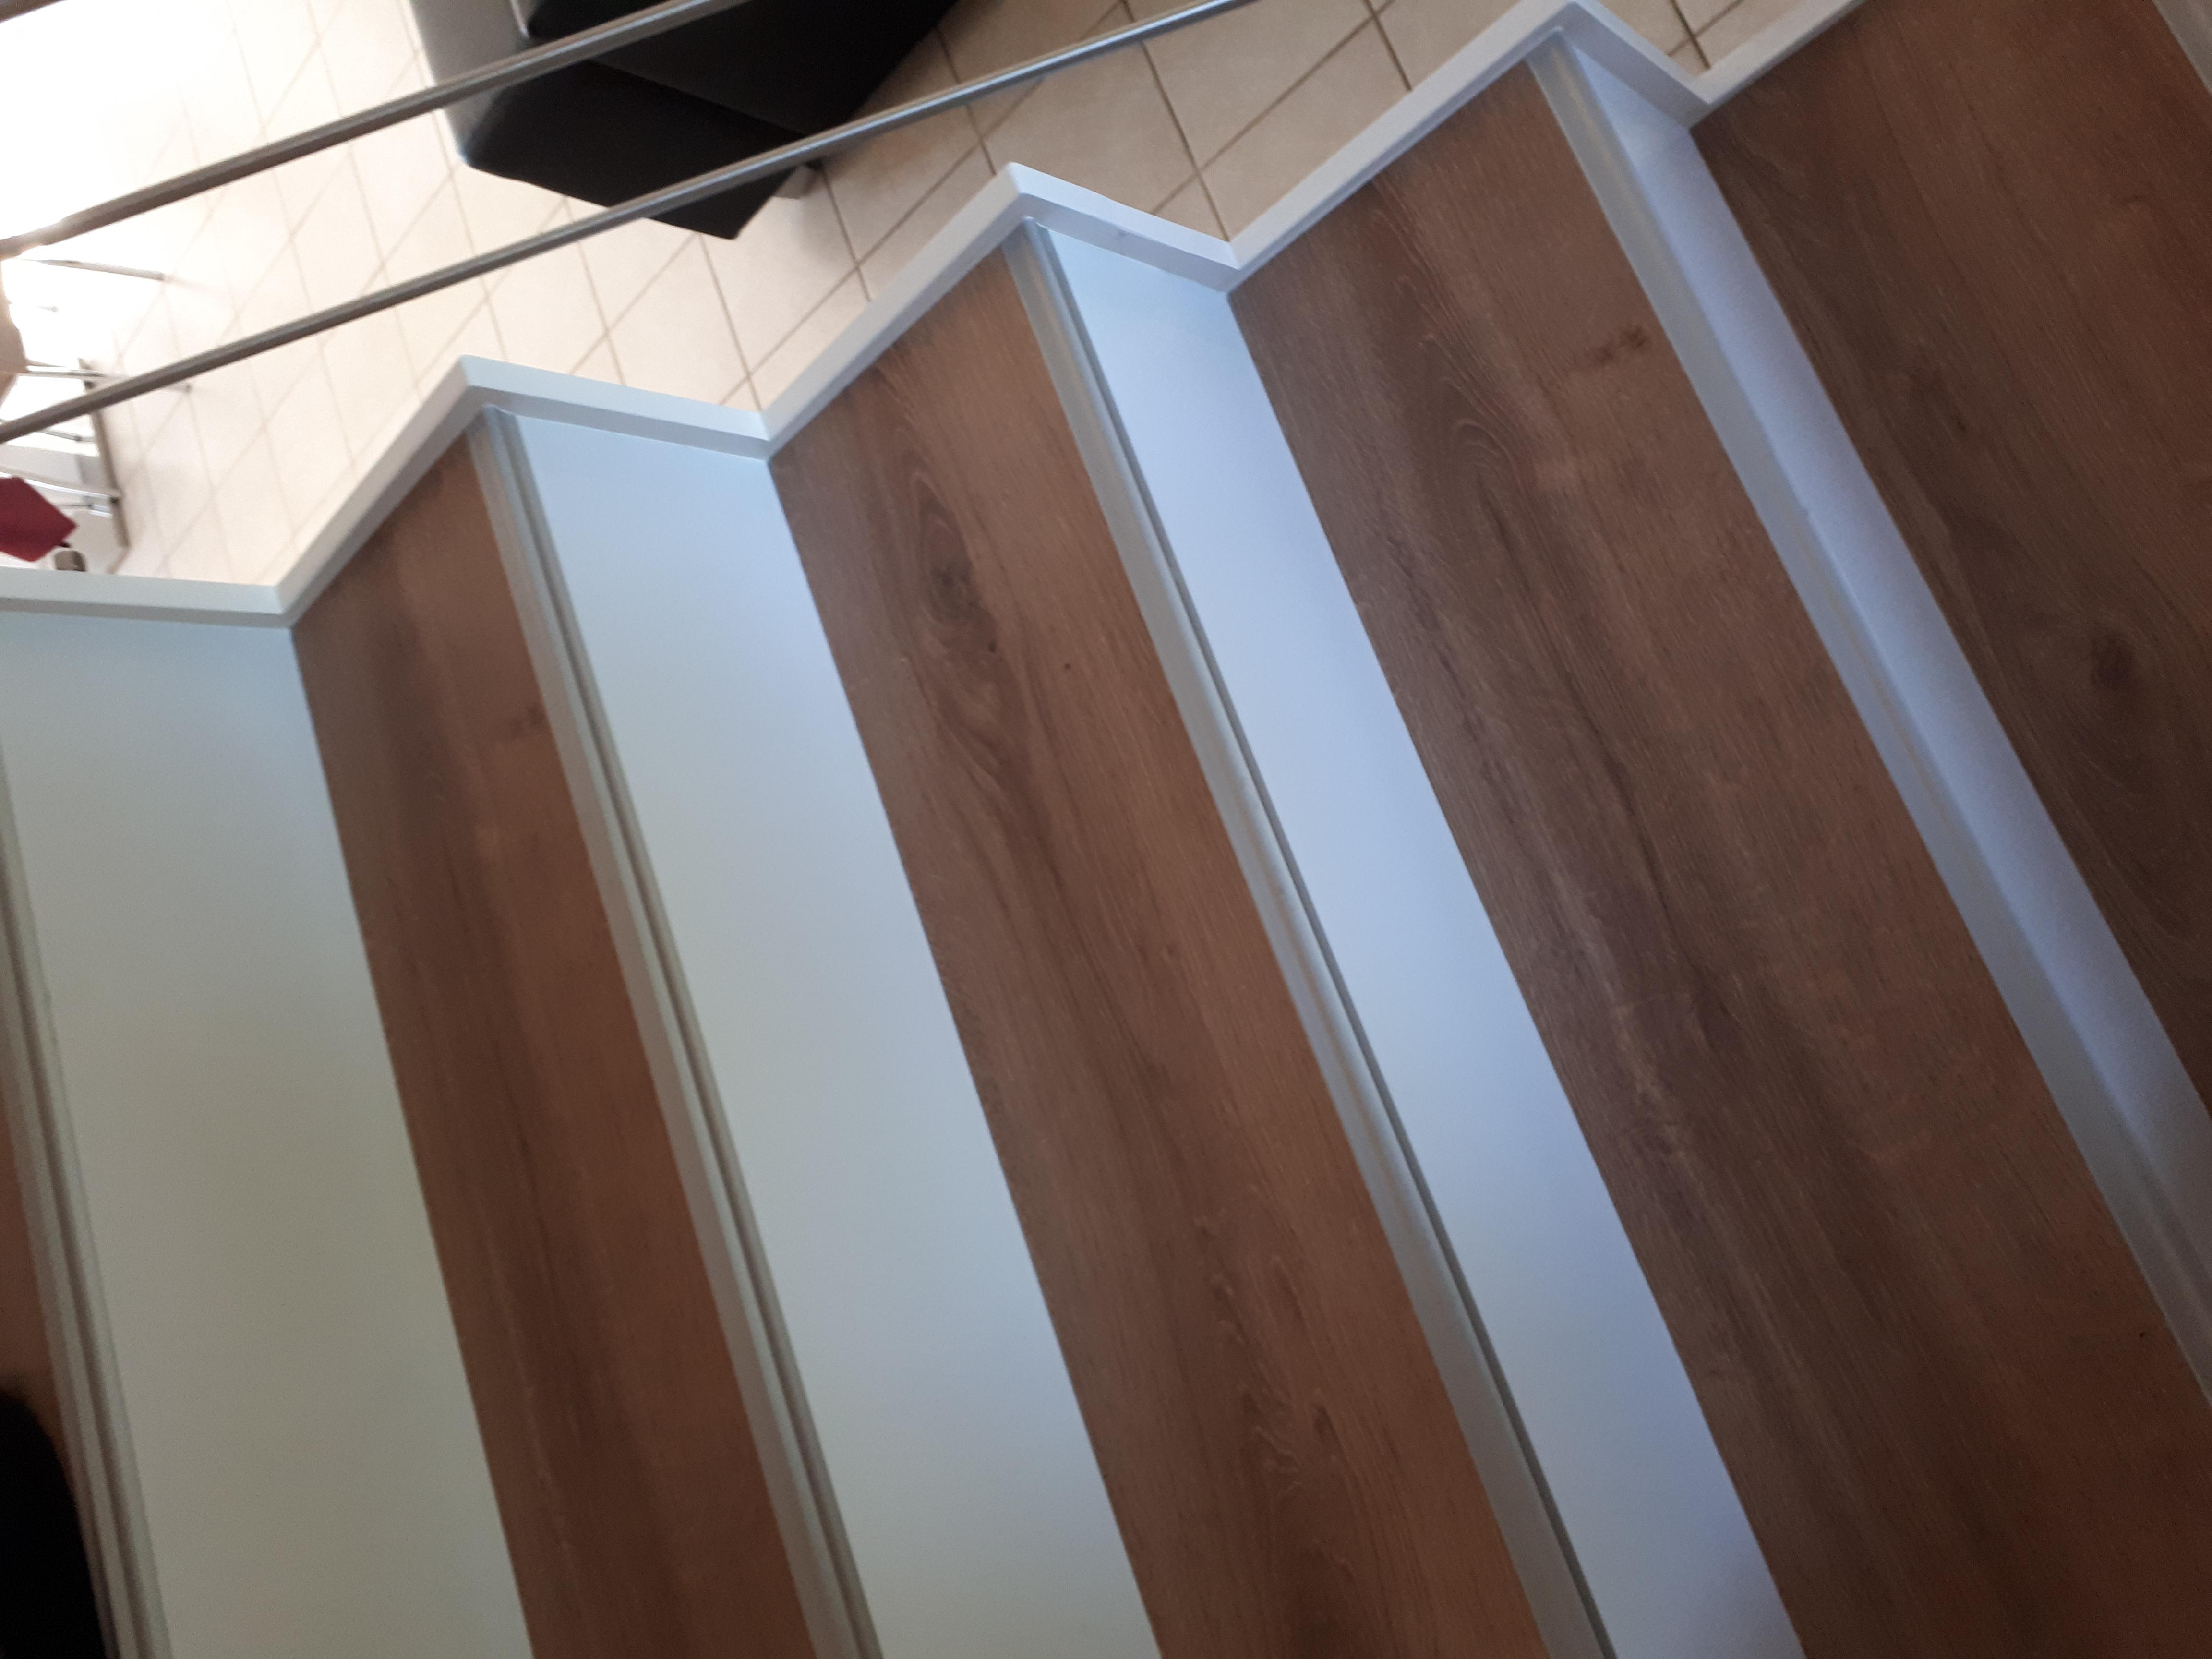 habillage d'un escalier béton carrelé par système Maytop